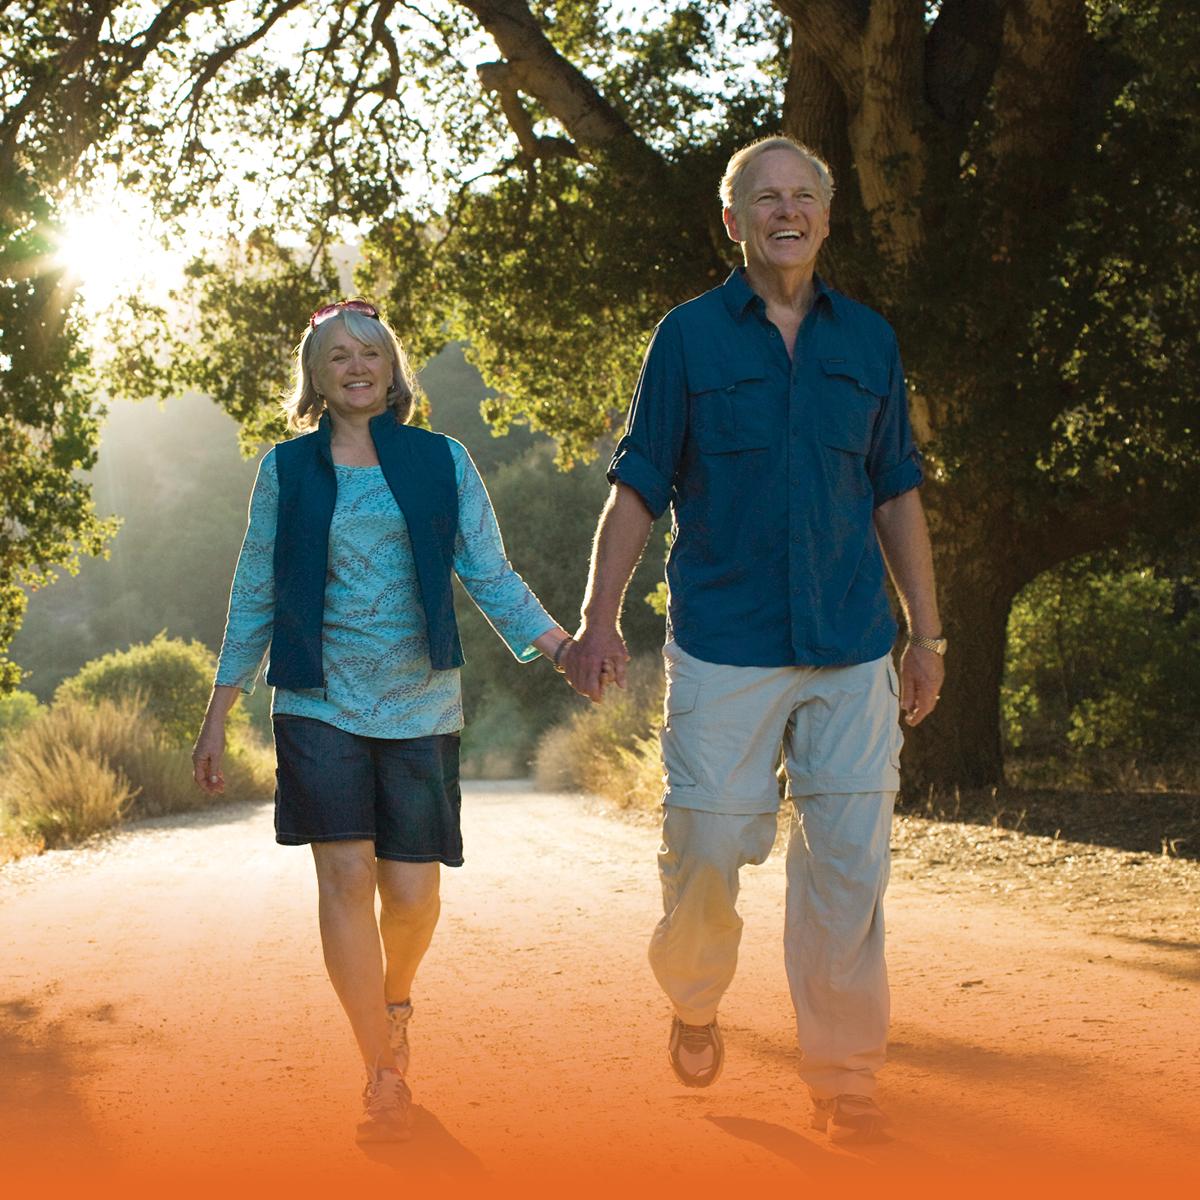 Image of Senior Couple